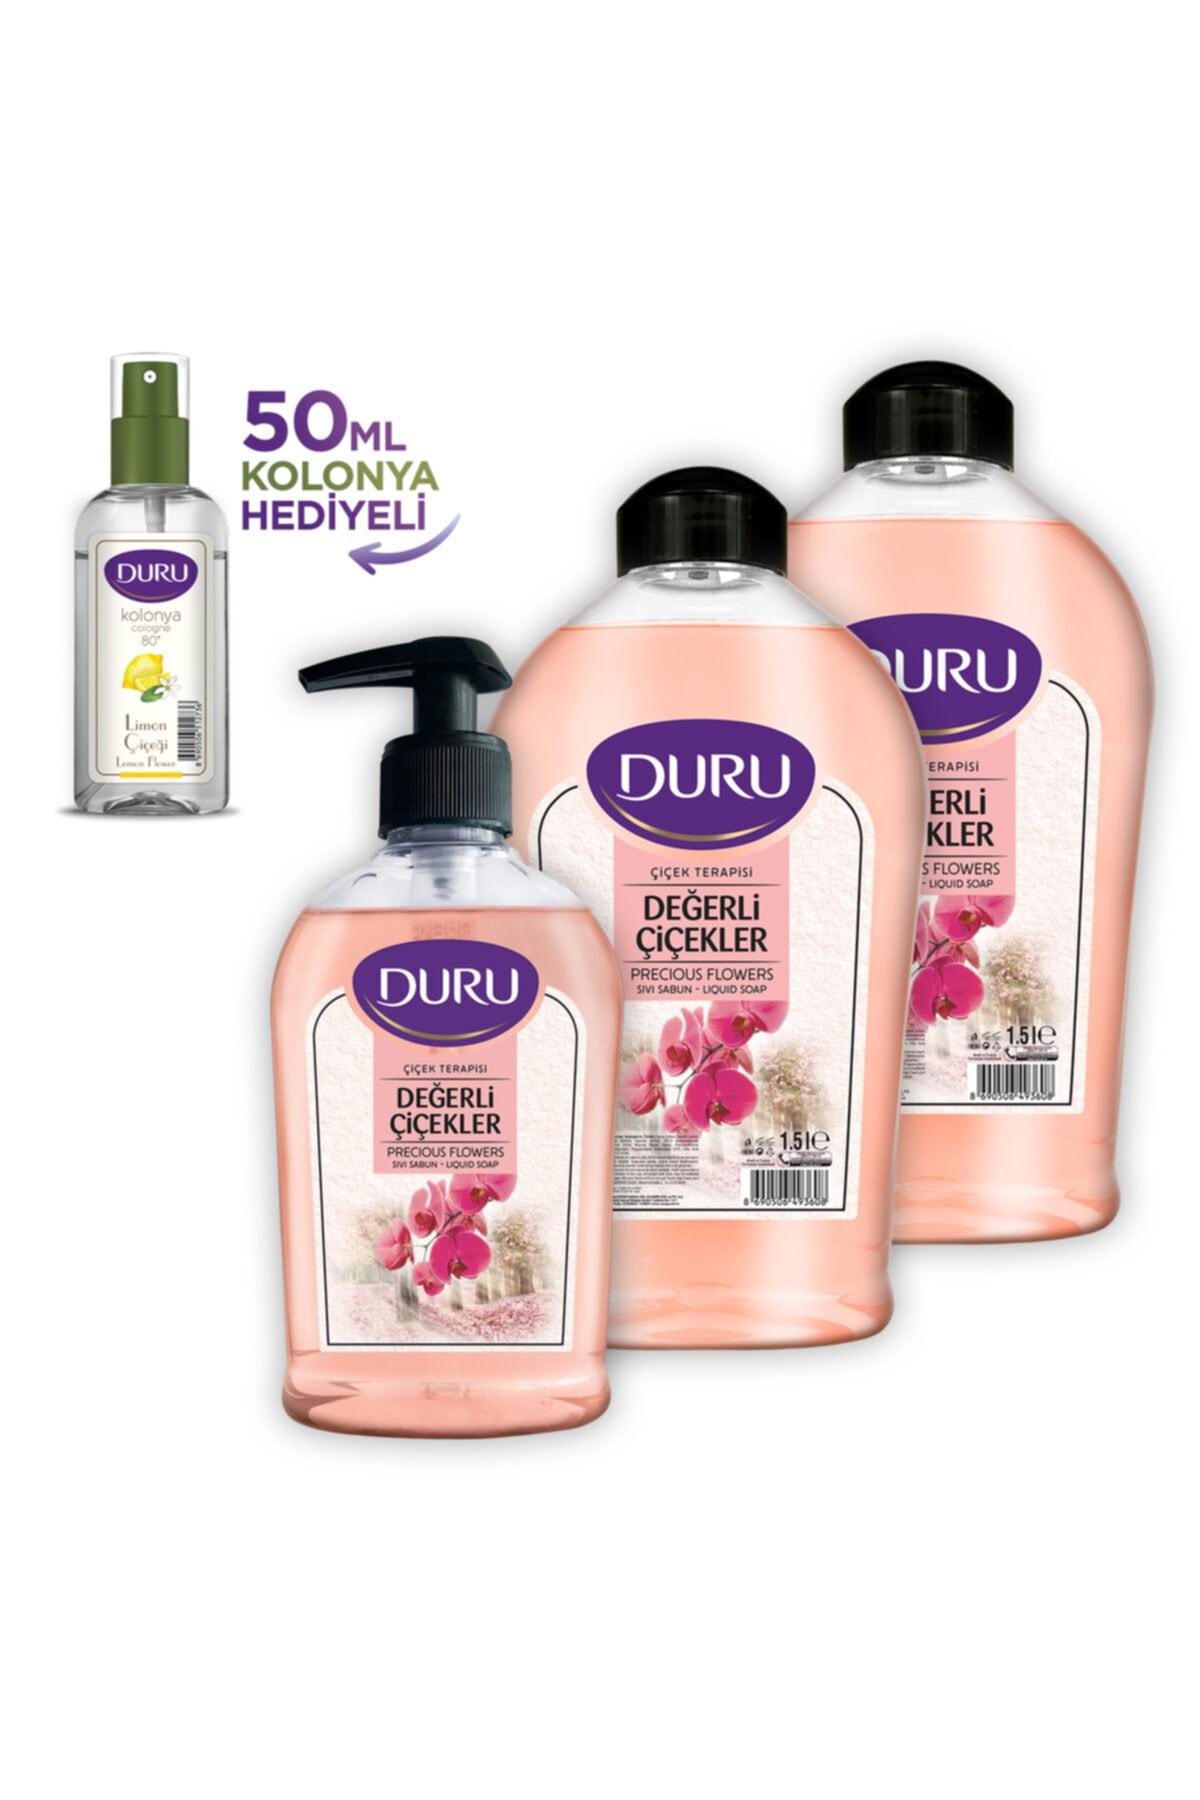 Çiçekler Sıvı Sabun 1,5 1,5 300ml 50 ml Kolonya Hediyeli